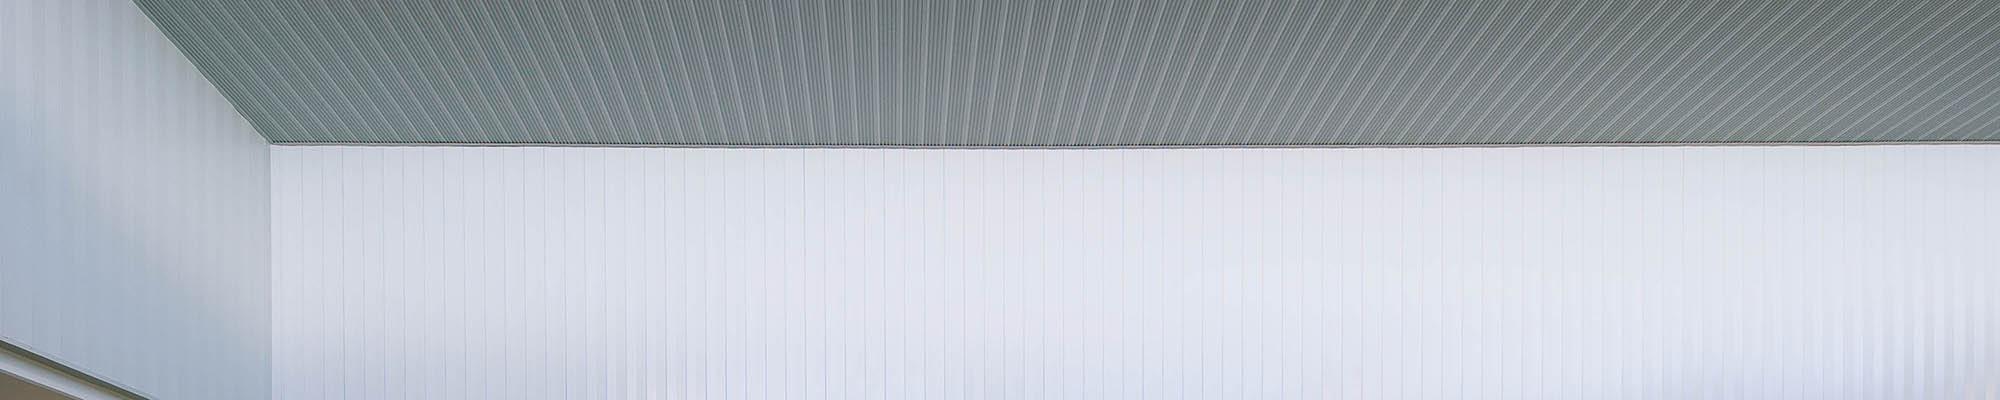 Melbourne Building Supplies Acs Ice Metal Acoustic Ceiling Tiles